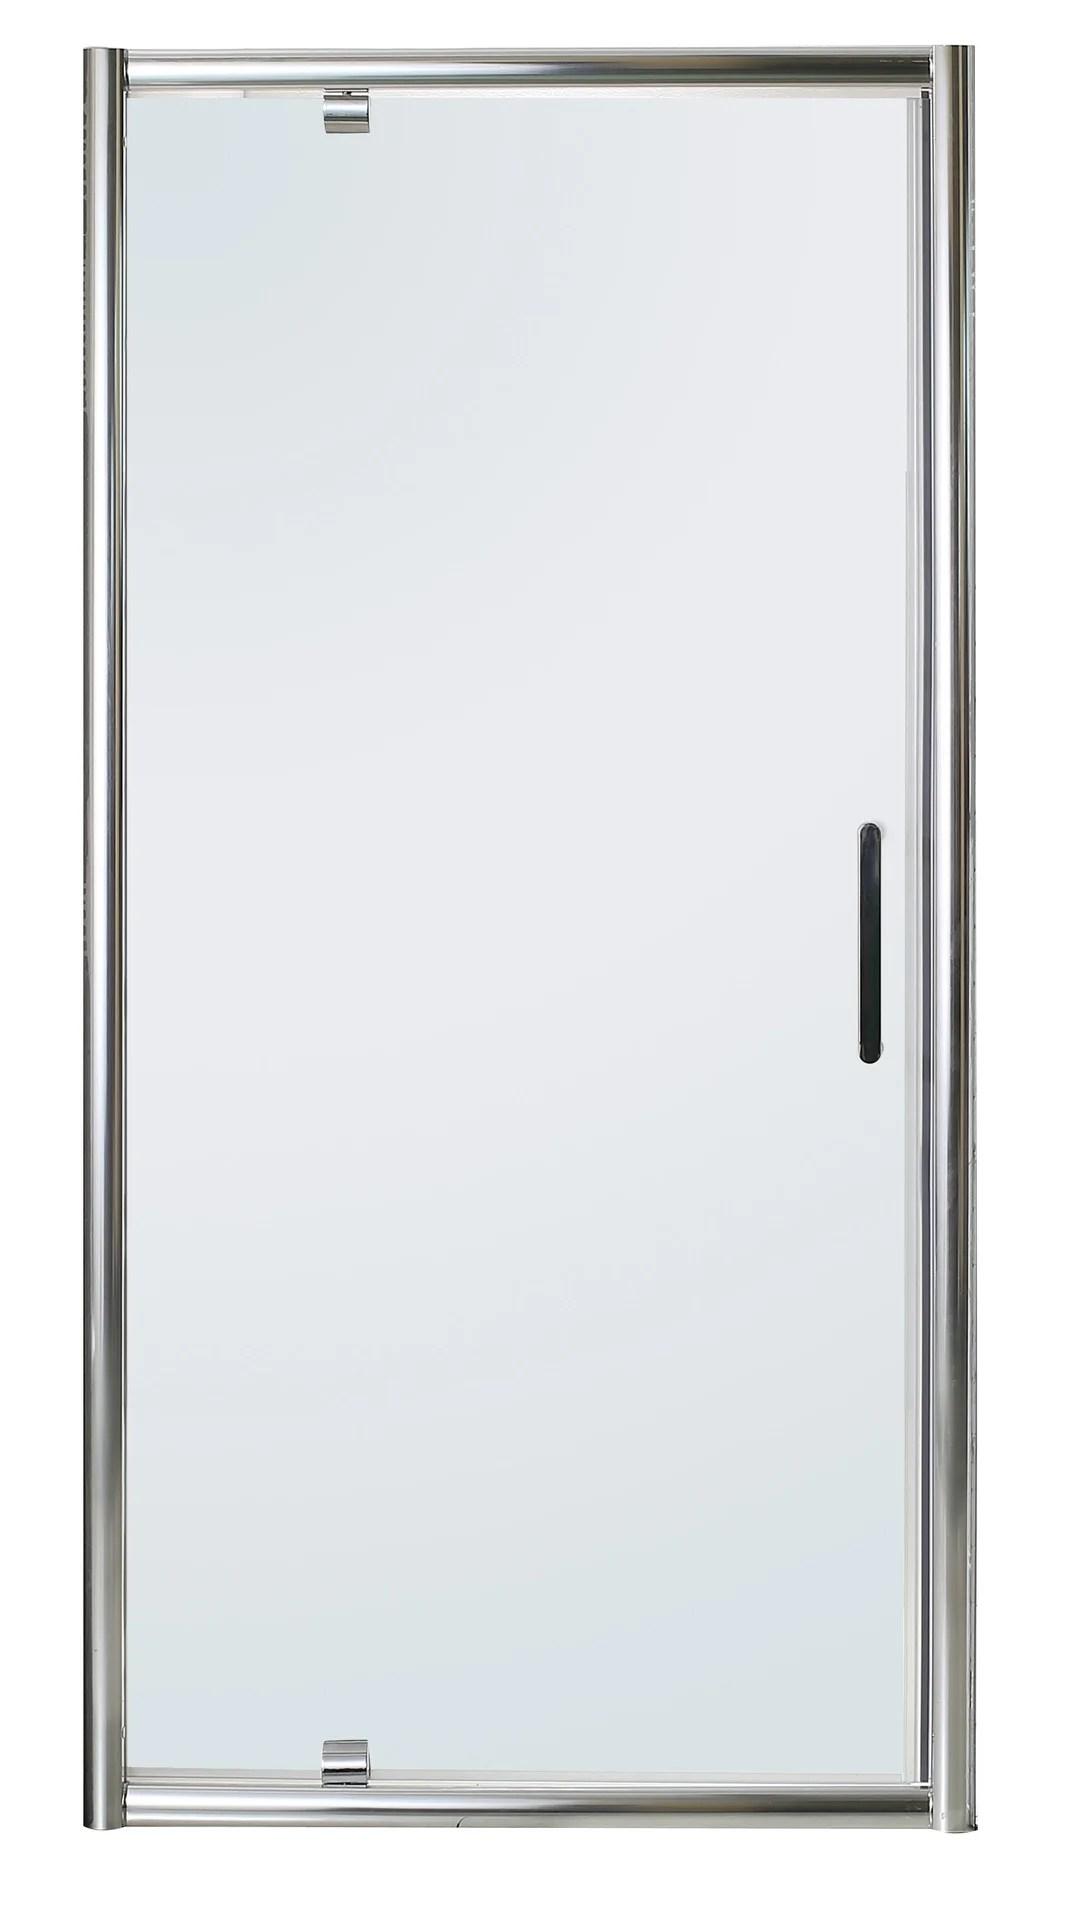 porte de douche pivotante transparent chrome 100 cm quad